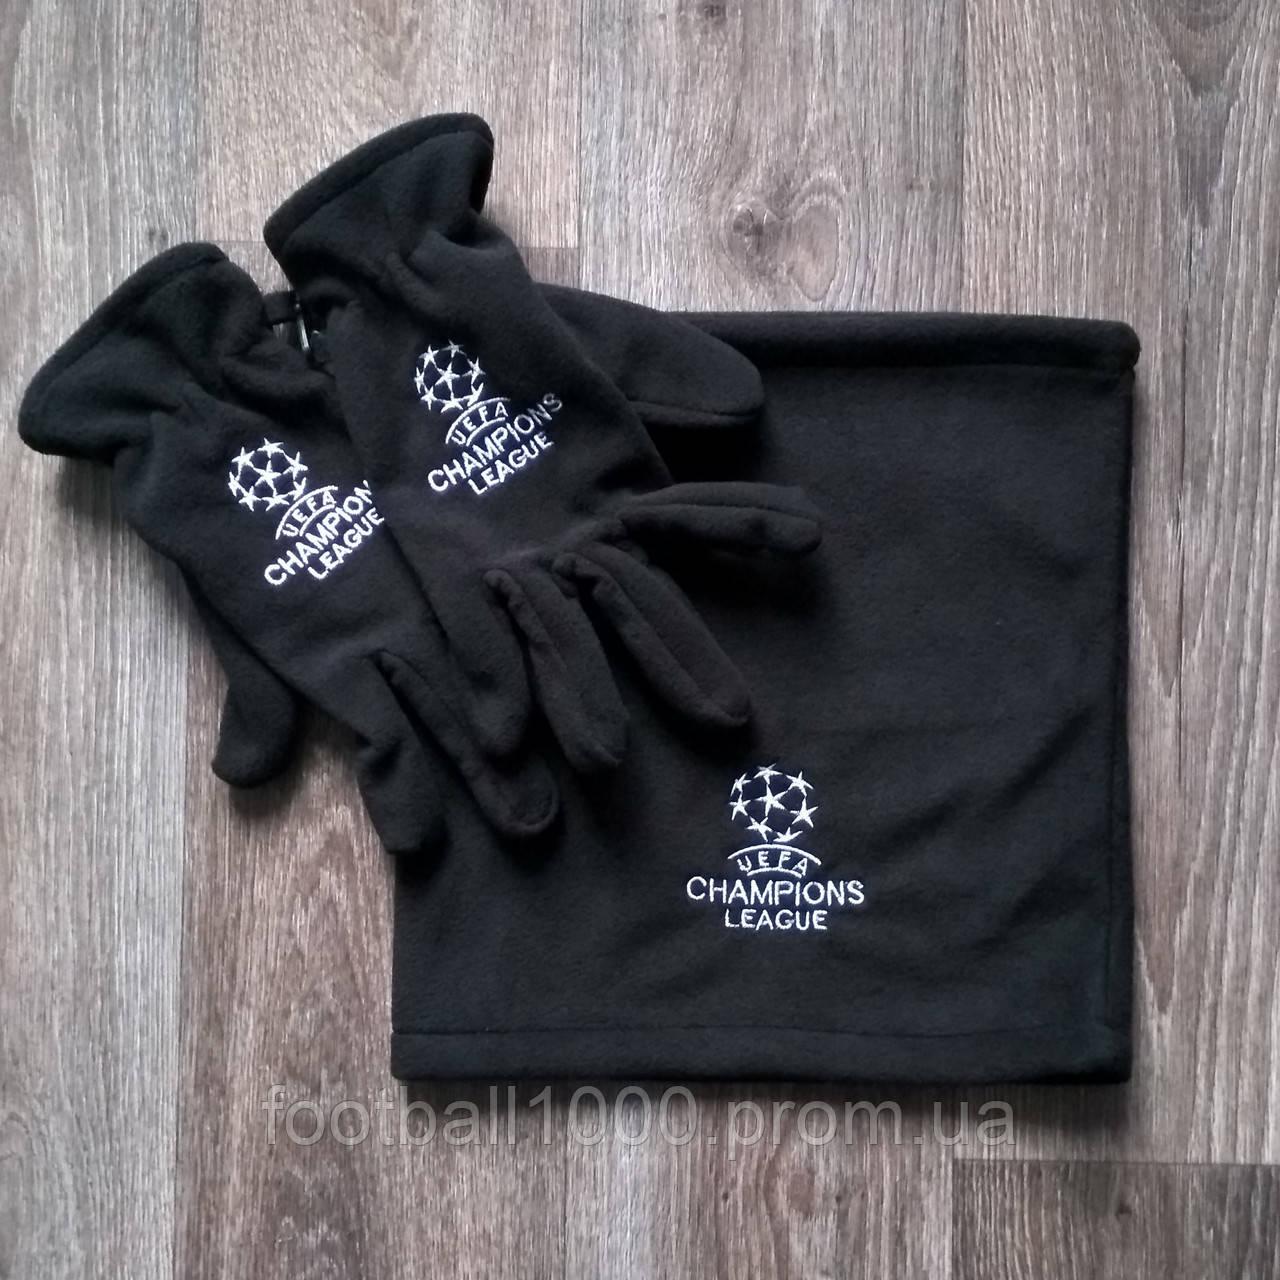 Перчатки + горловик  Лига Чемпионов черные